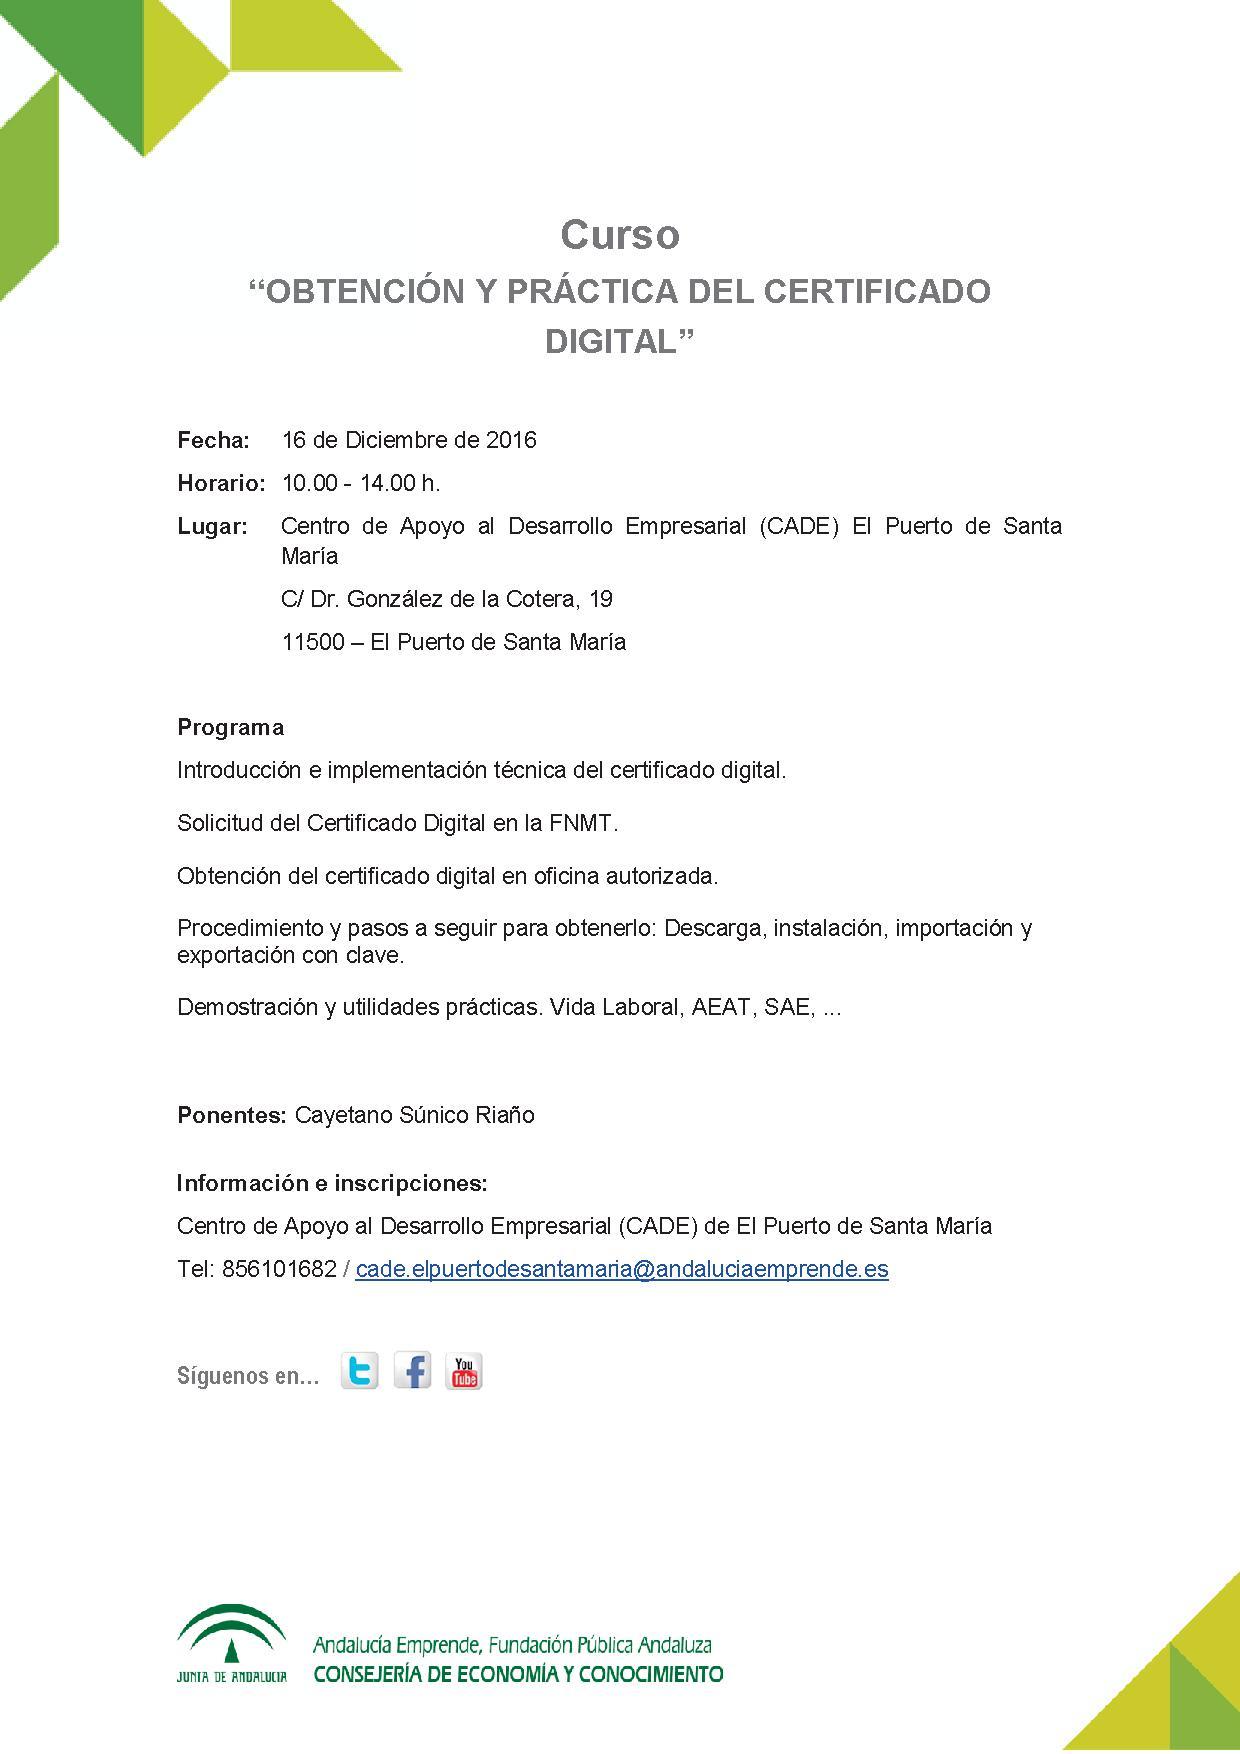 Obtenci n y pr ctica del certificado digital andaluc a for Oficina certificado digital